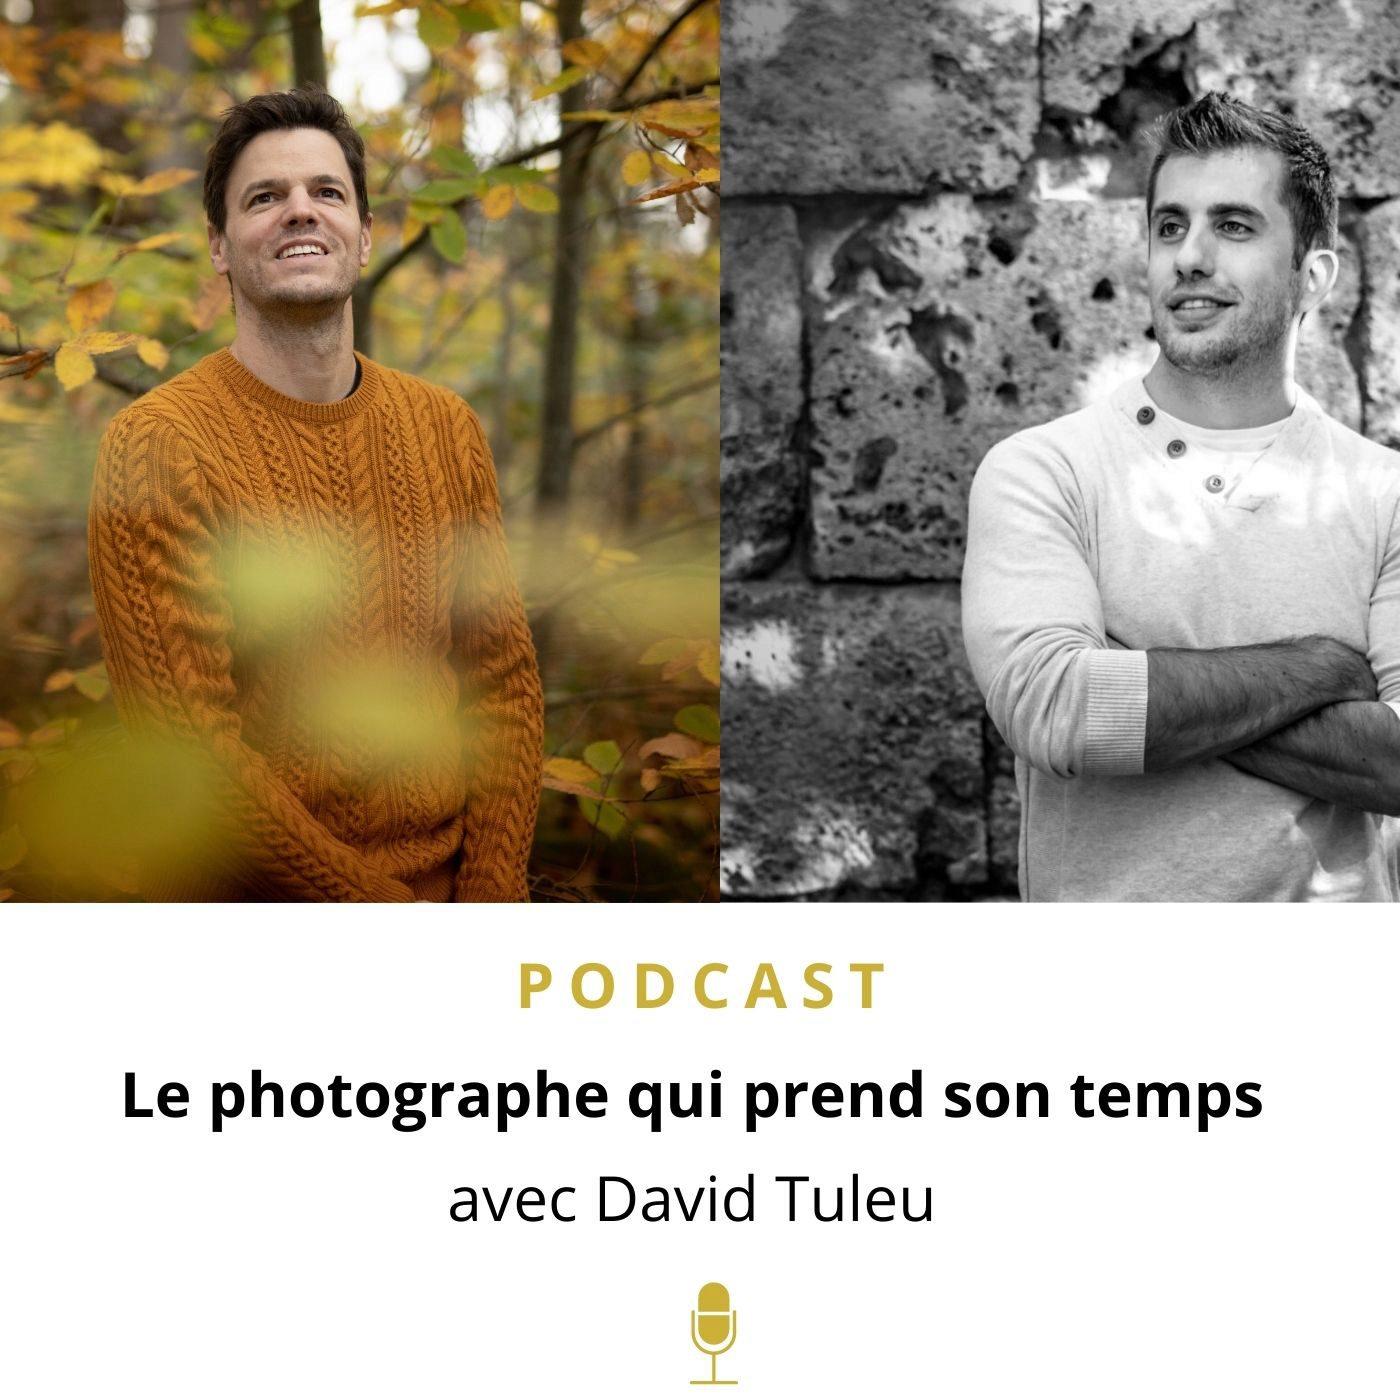 Libre & Photographe #8 | David Tuleu - Un photographe qui prend son temps pour devenir pro